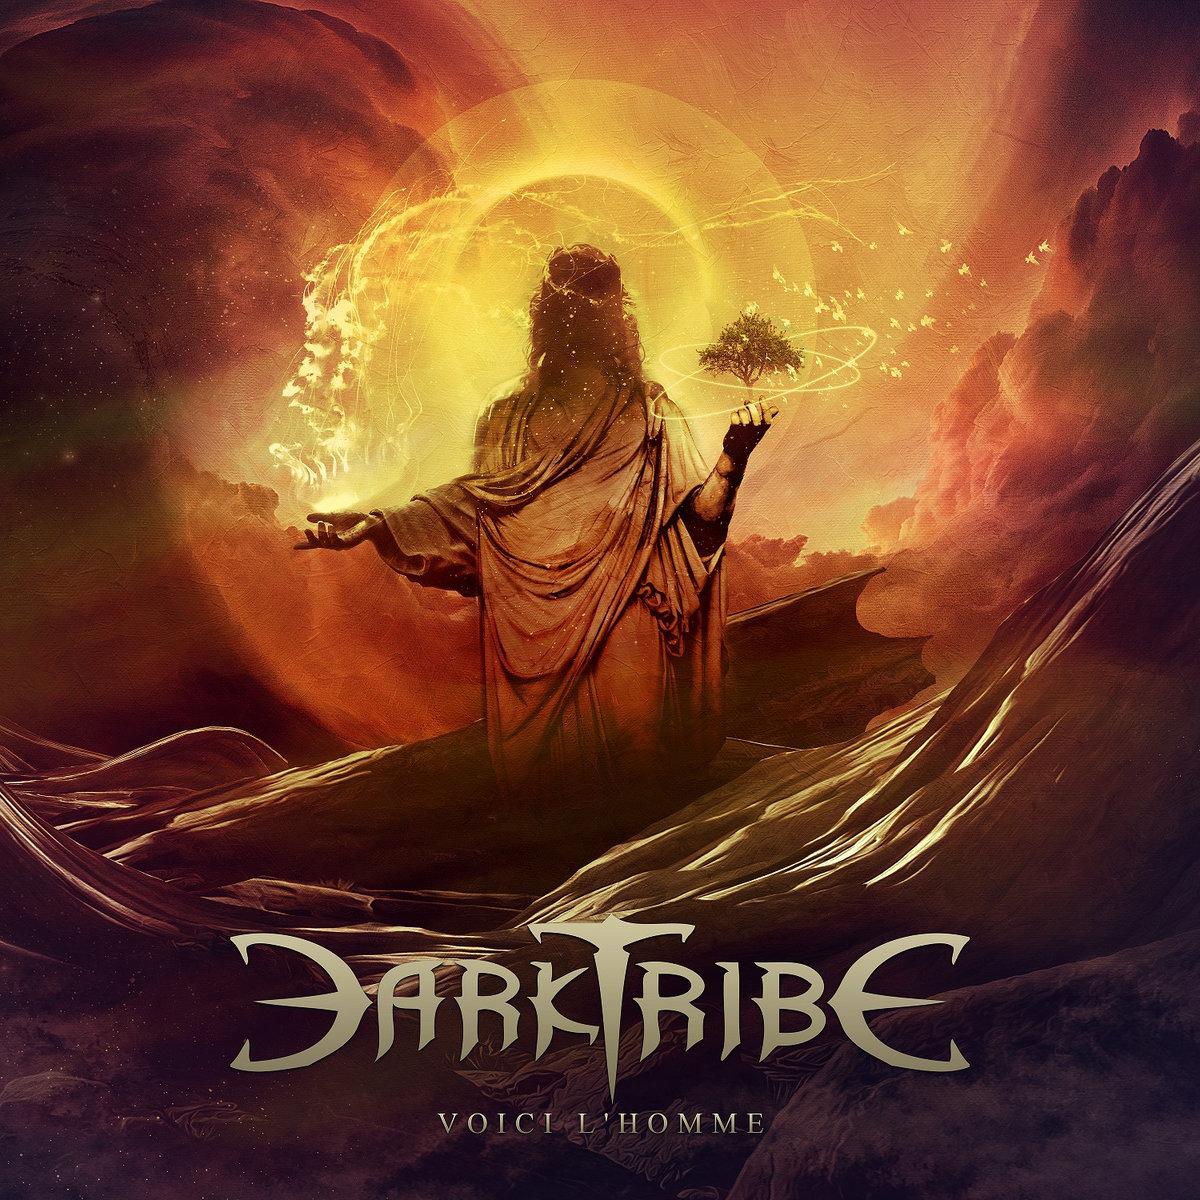 Darktribe: Voici L'Homme